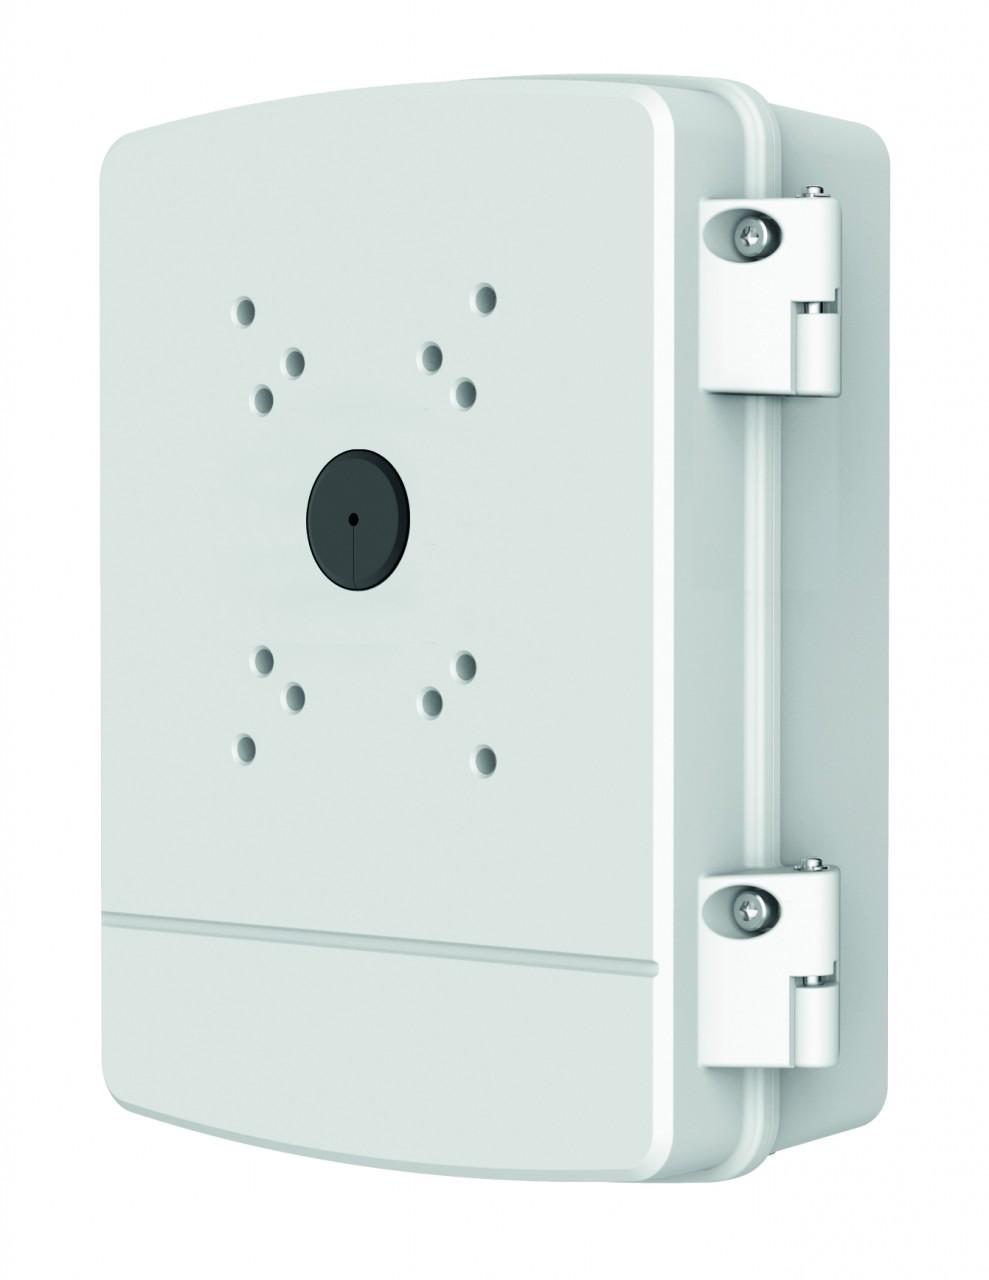 TURM witterungsfeste Box für 24V Netzteil und PTZ Kamera Montage